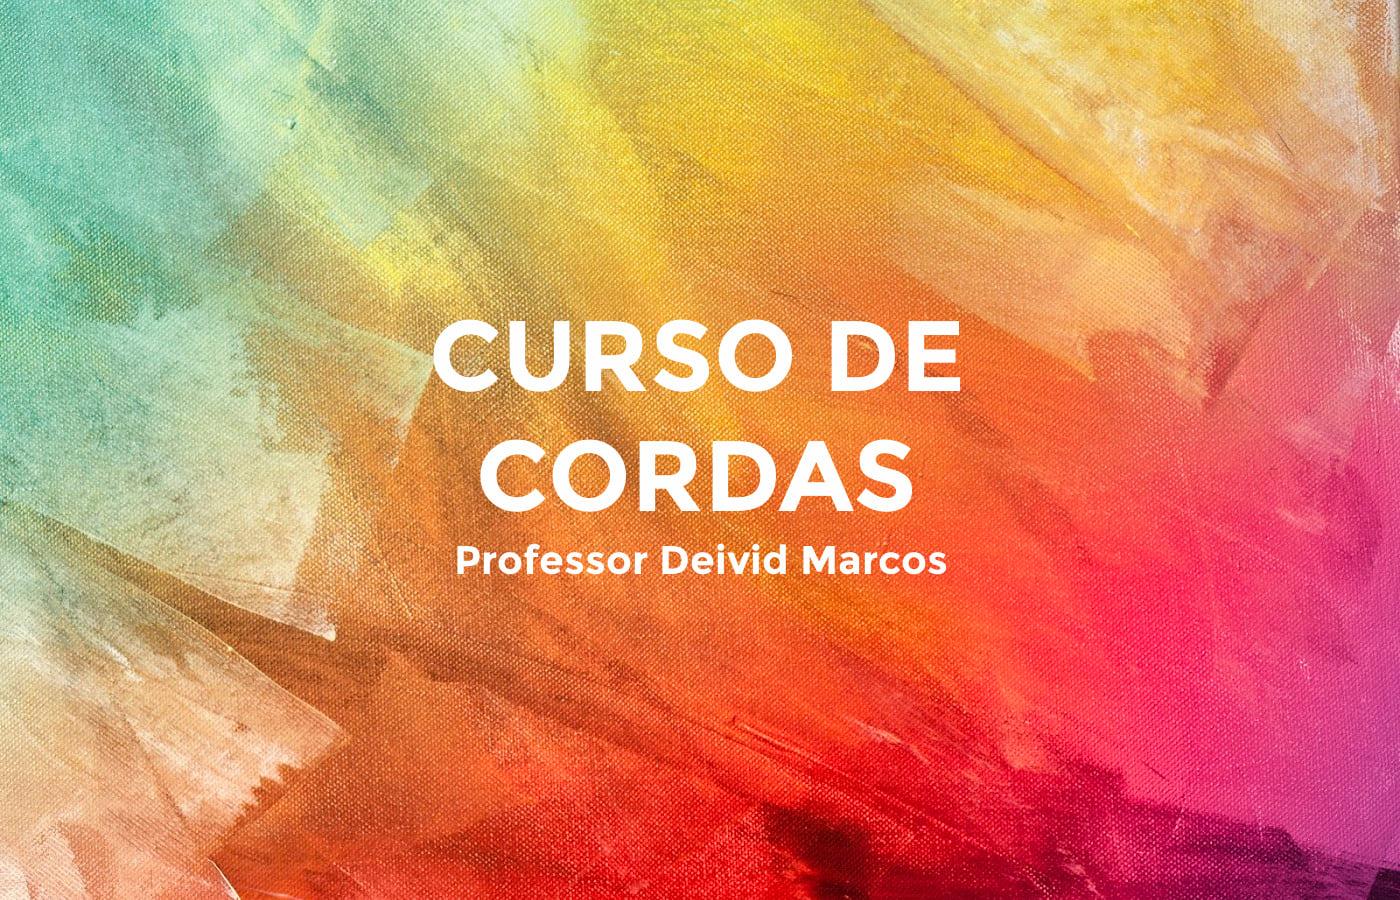 Curso de Cordas Bertioga Deivid Marcos